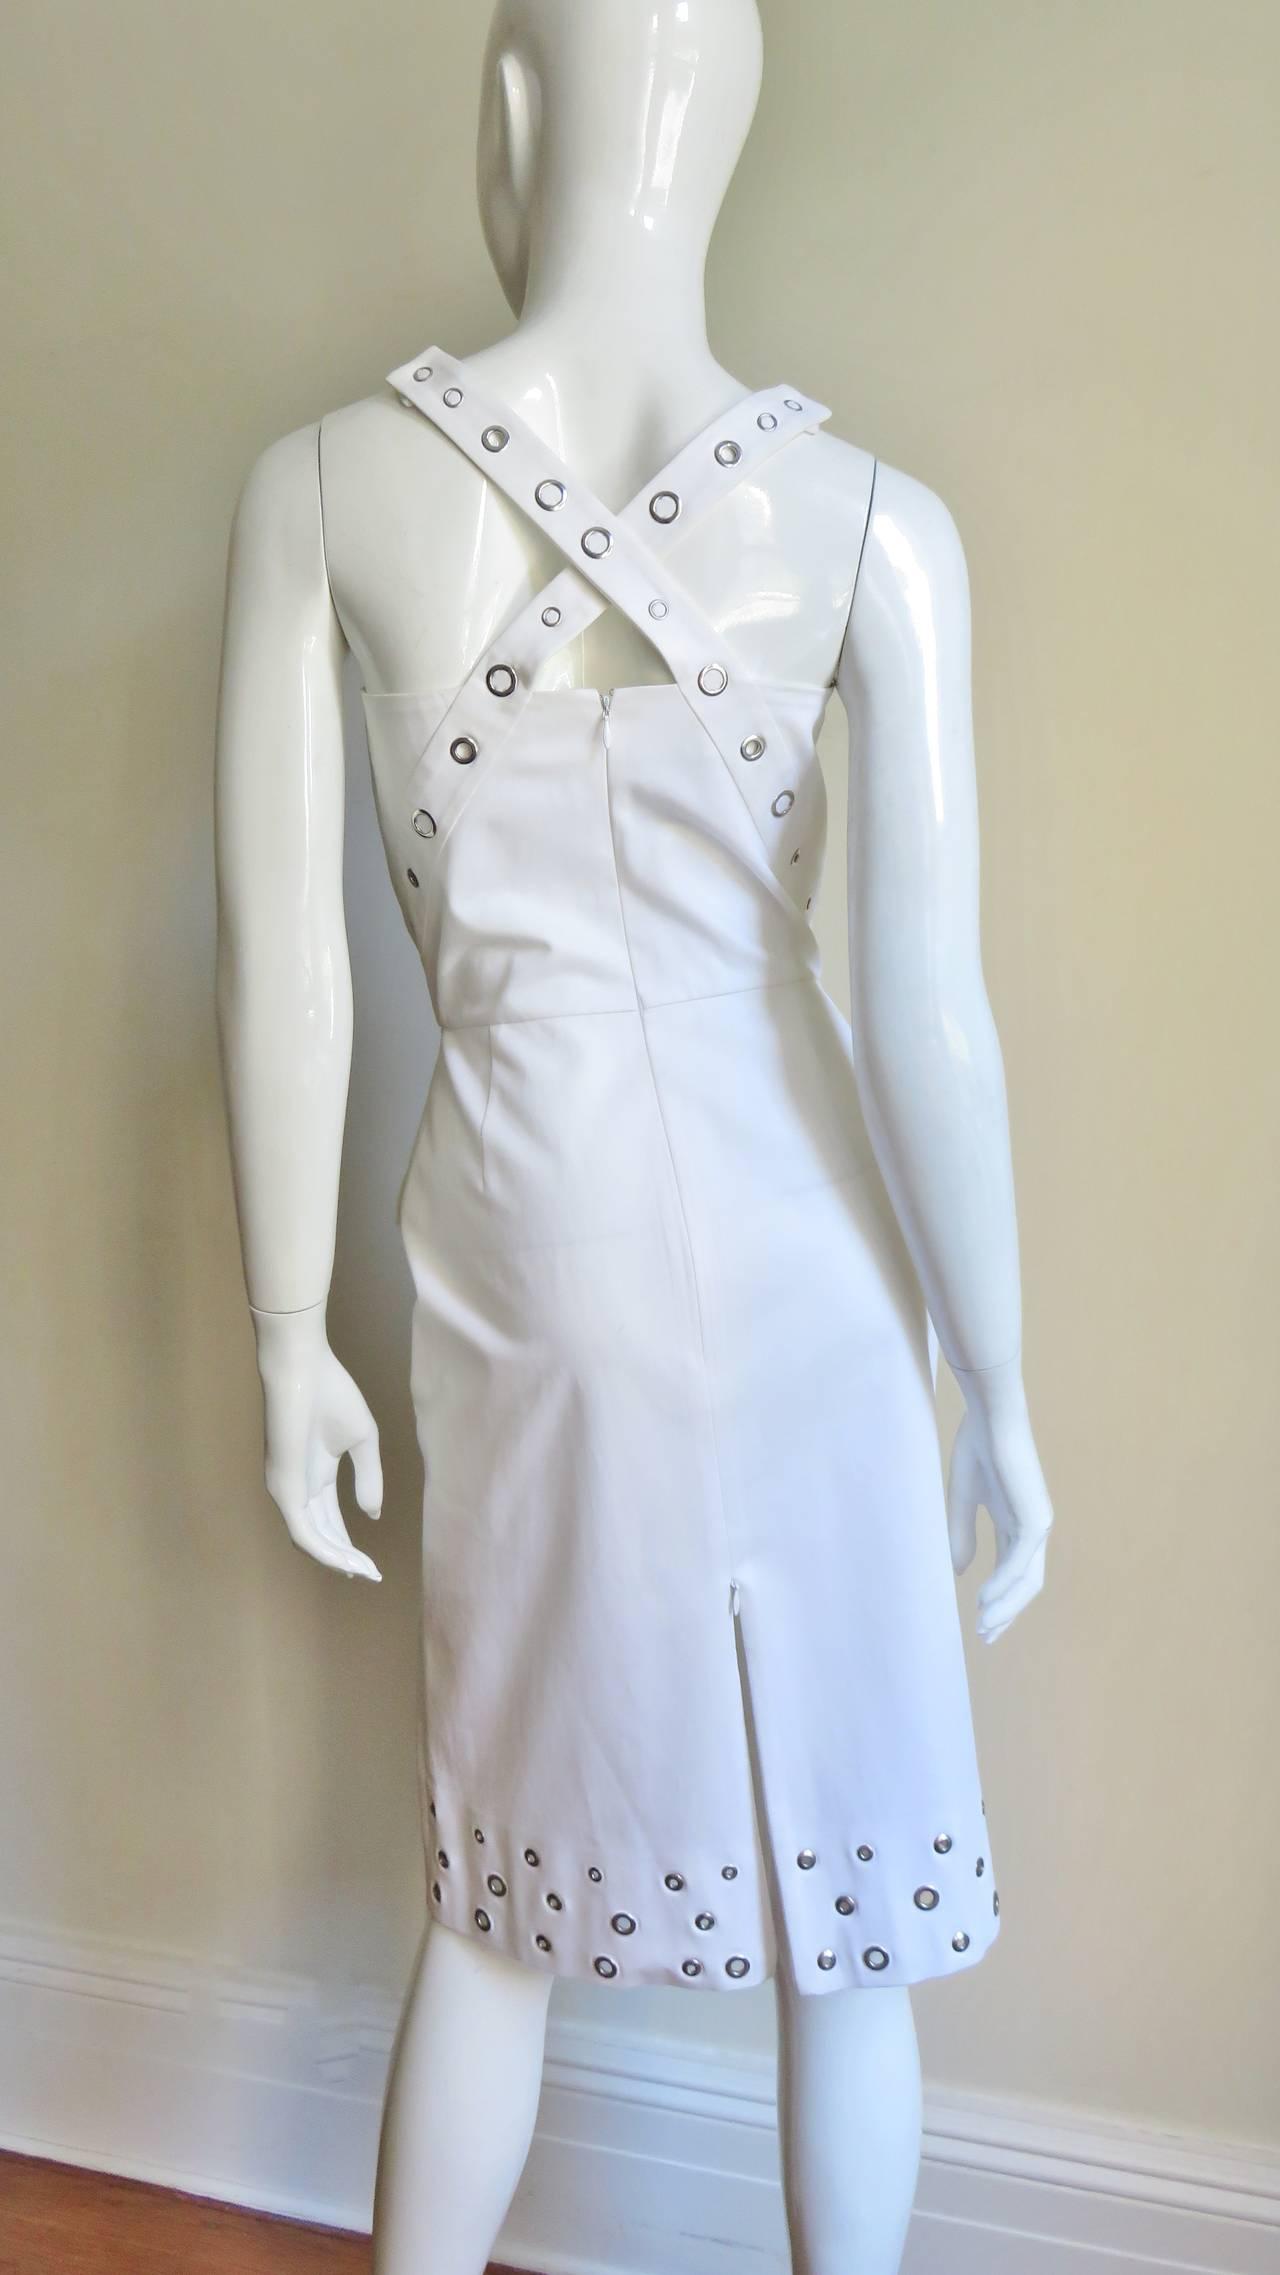 Jean Paul Gaultier Cross Back Dress With Grommets For Sale 1